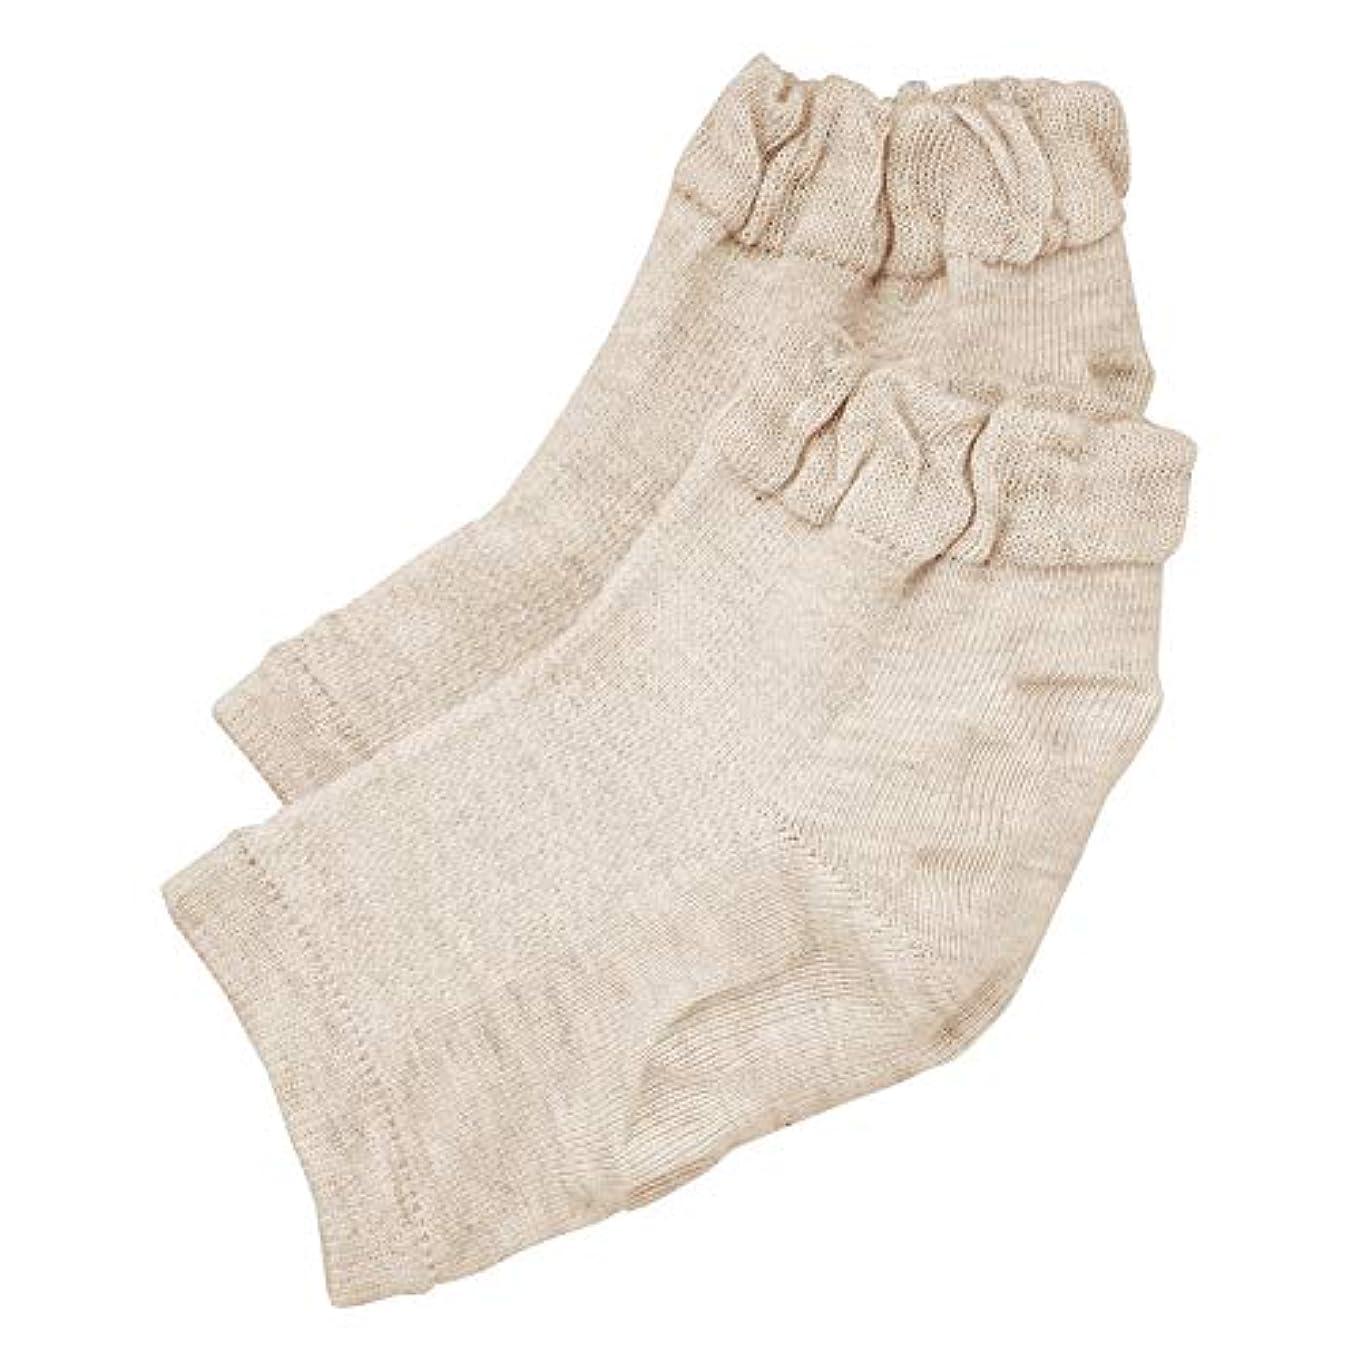 シャックルに対処する順応性のある履き口ゆったりかかとつるり ケア 靴下 ガサガサ 保湿